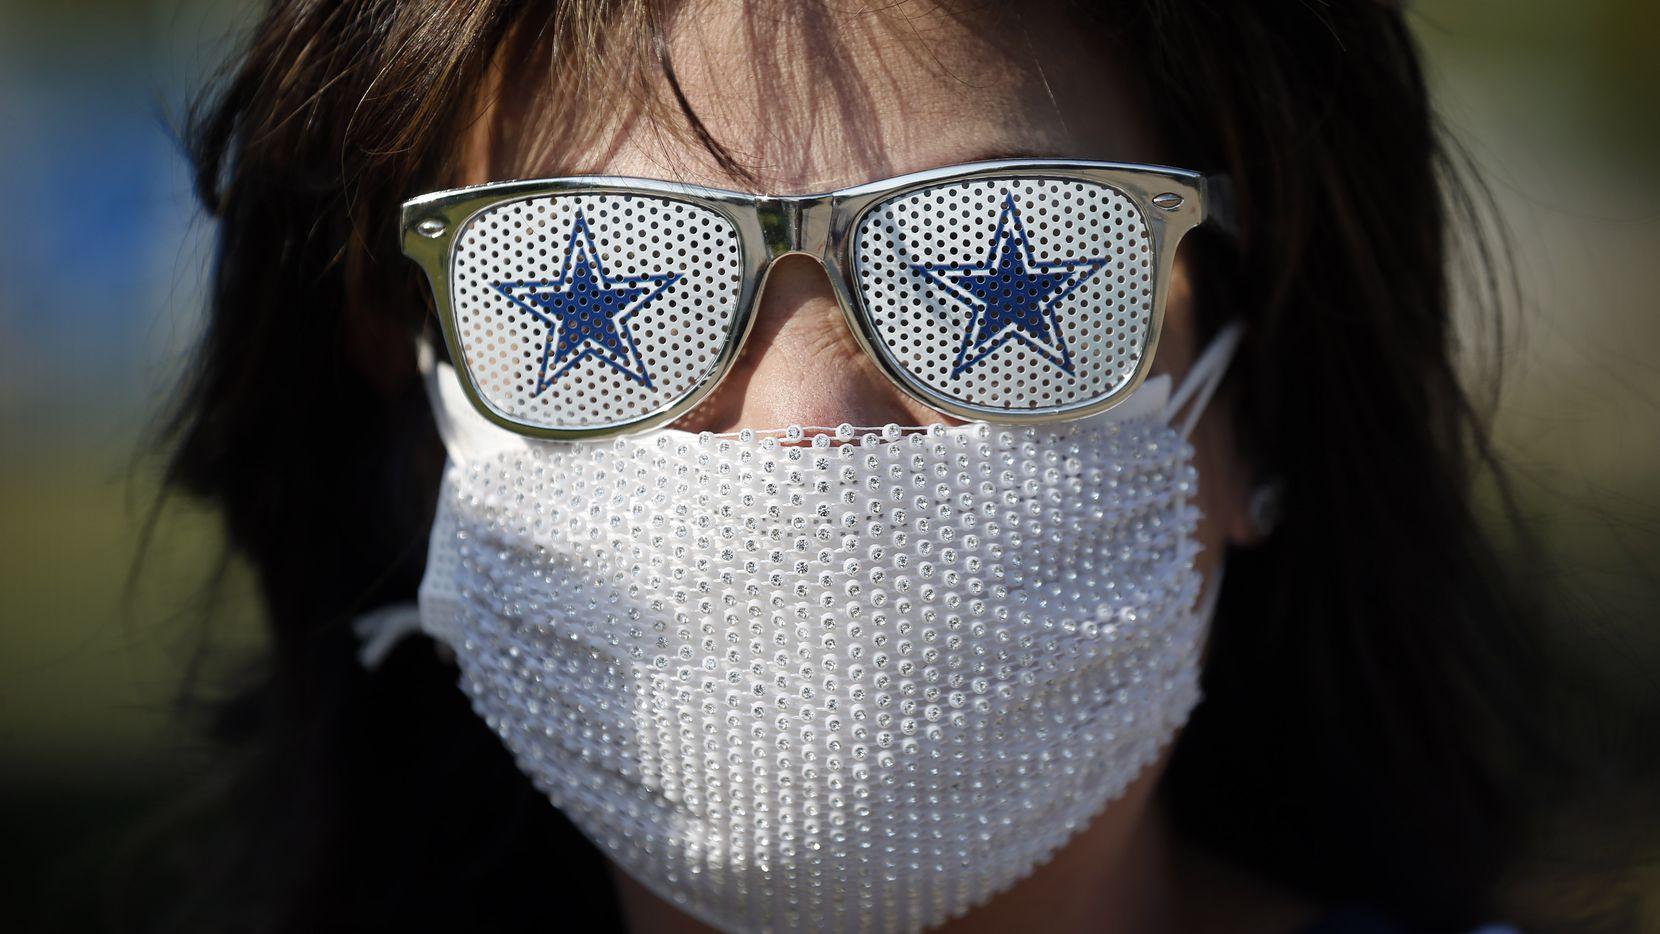 Fanáticos con cubrebocas en los estadios y arenas deportivas fueron parte de las tristes escenas que se vieron en el 2020 por la pandemia de coronavirus.